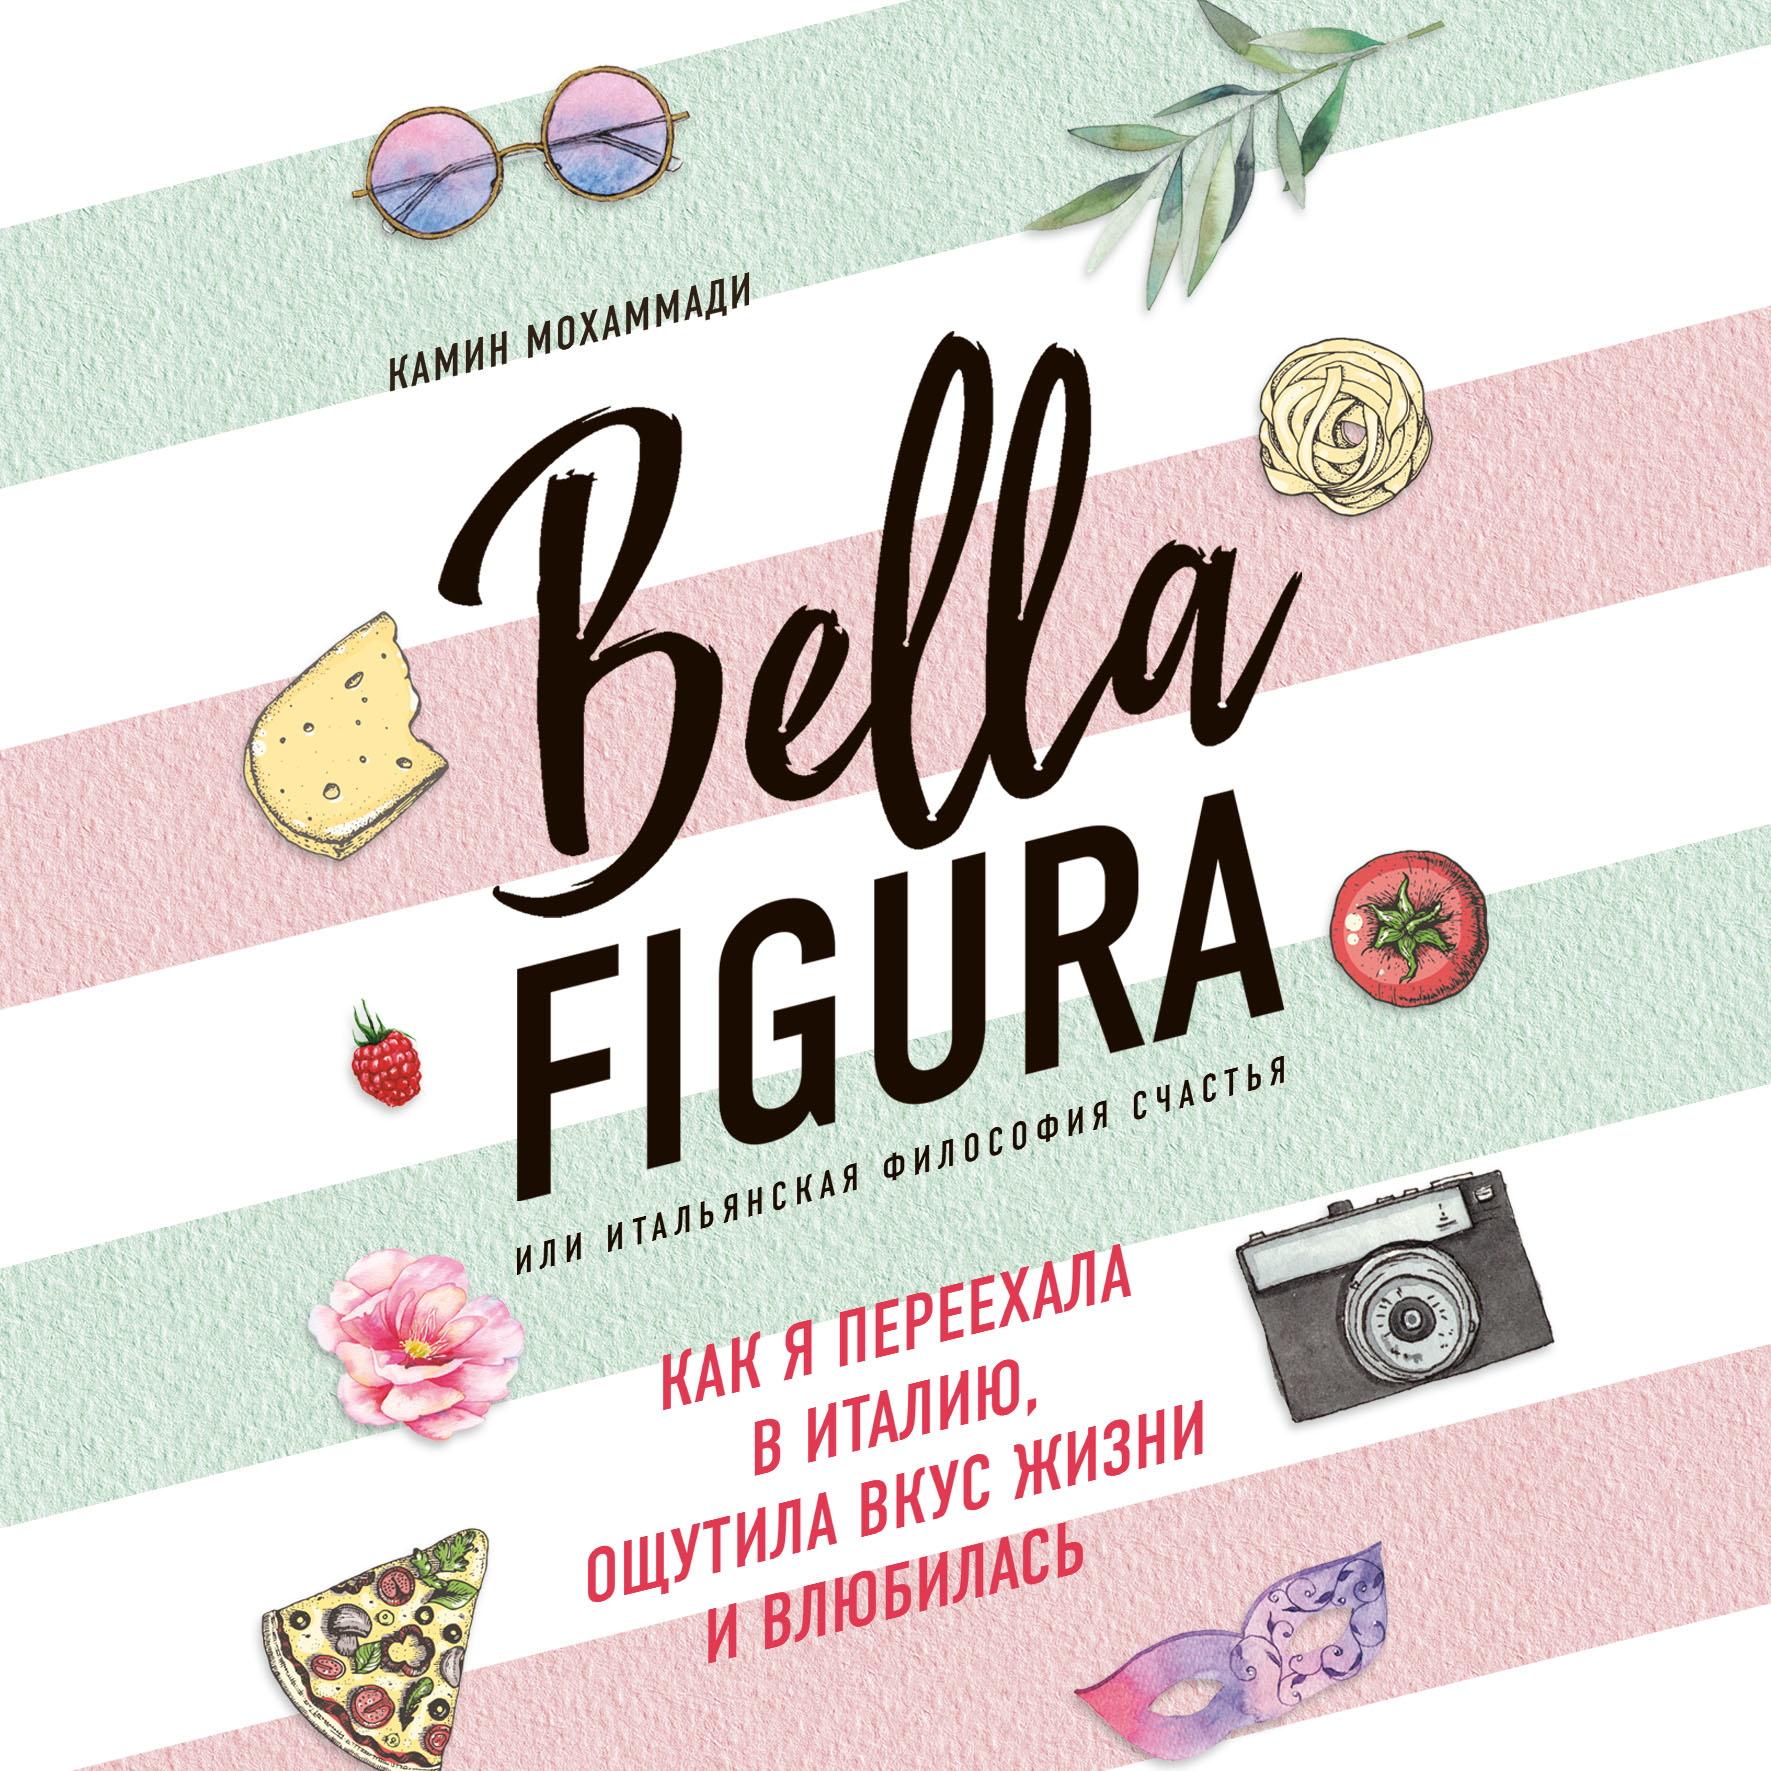 Bella Figura, или Итальянская философия счастья. Как я переехала в Италию, ощутила вкус жизни и влюбилась